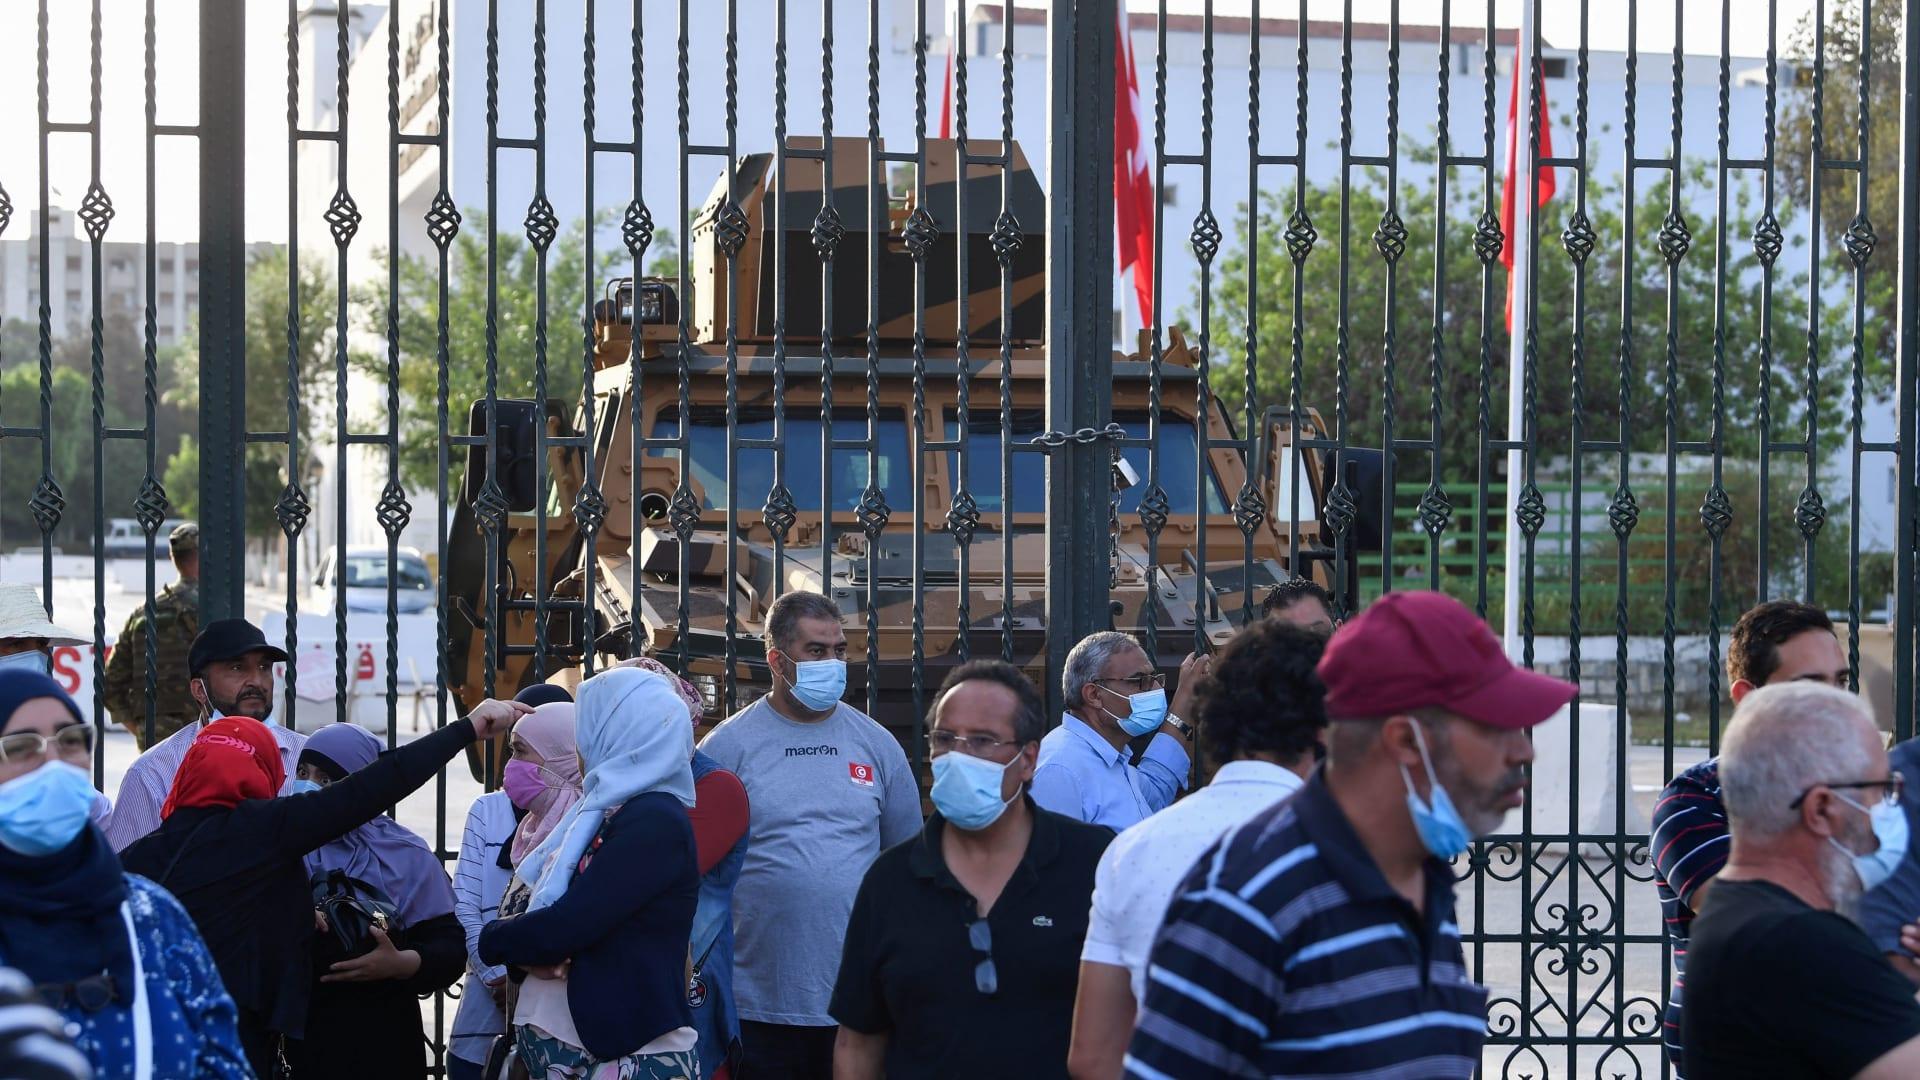 أمام البرلمان التونسي بعد إغلاقه بقرارات قيس بن سعيد